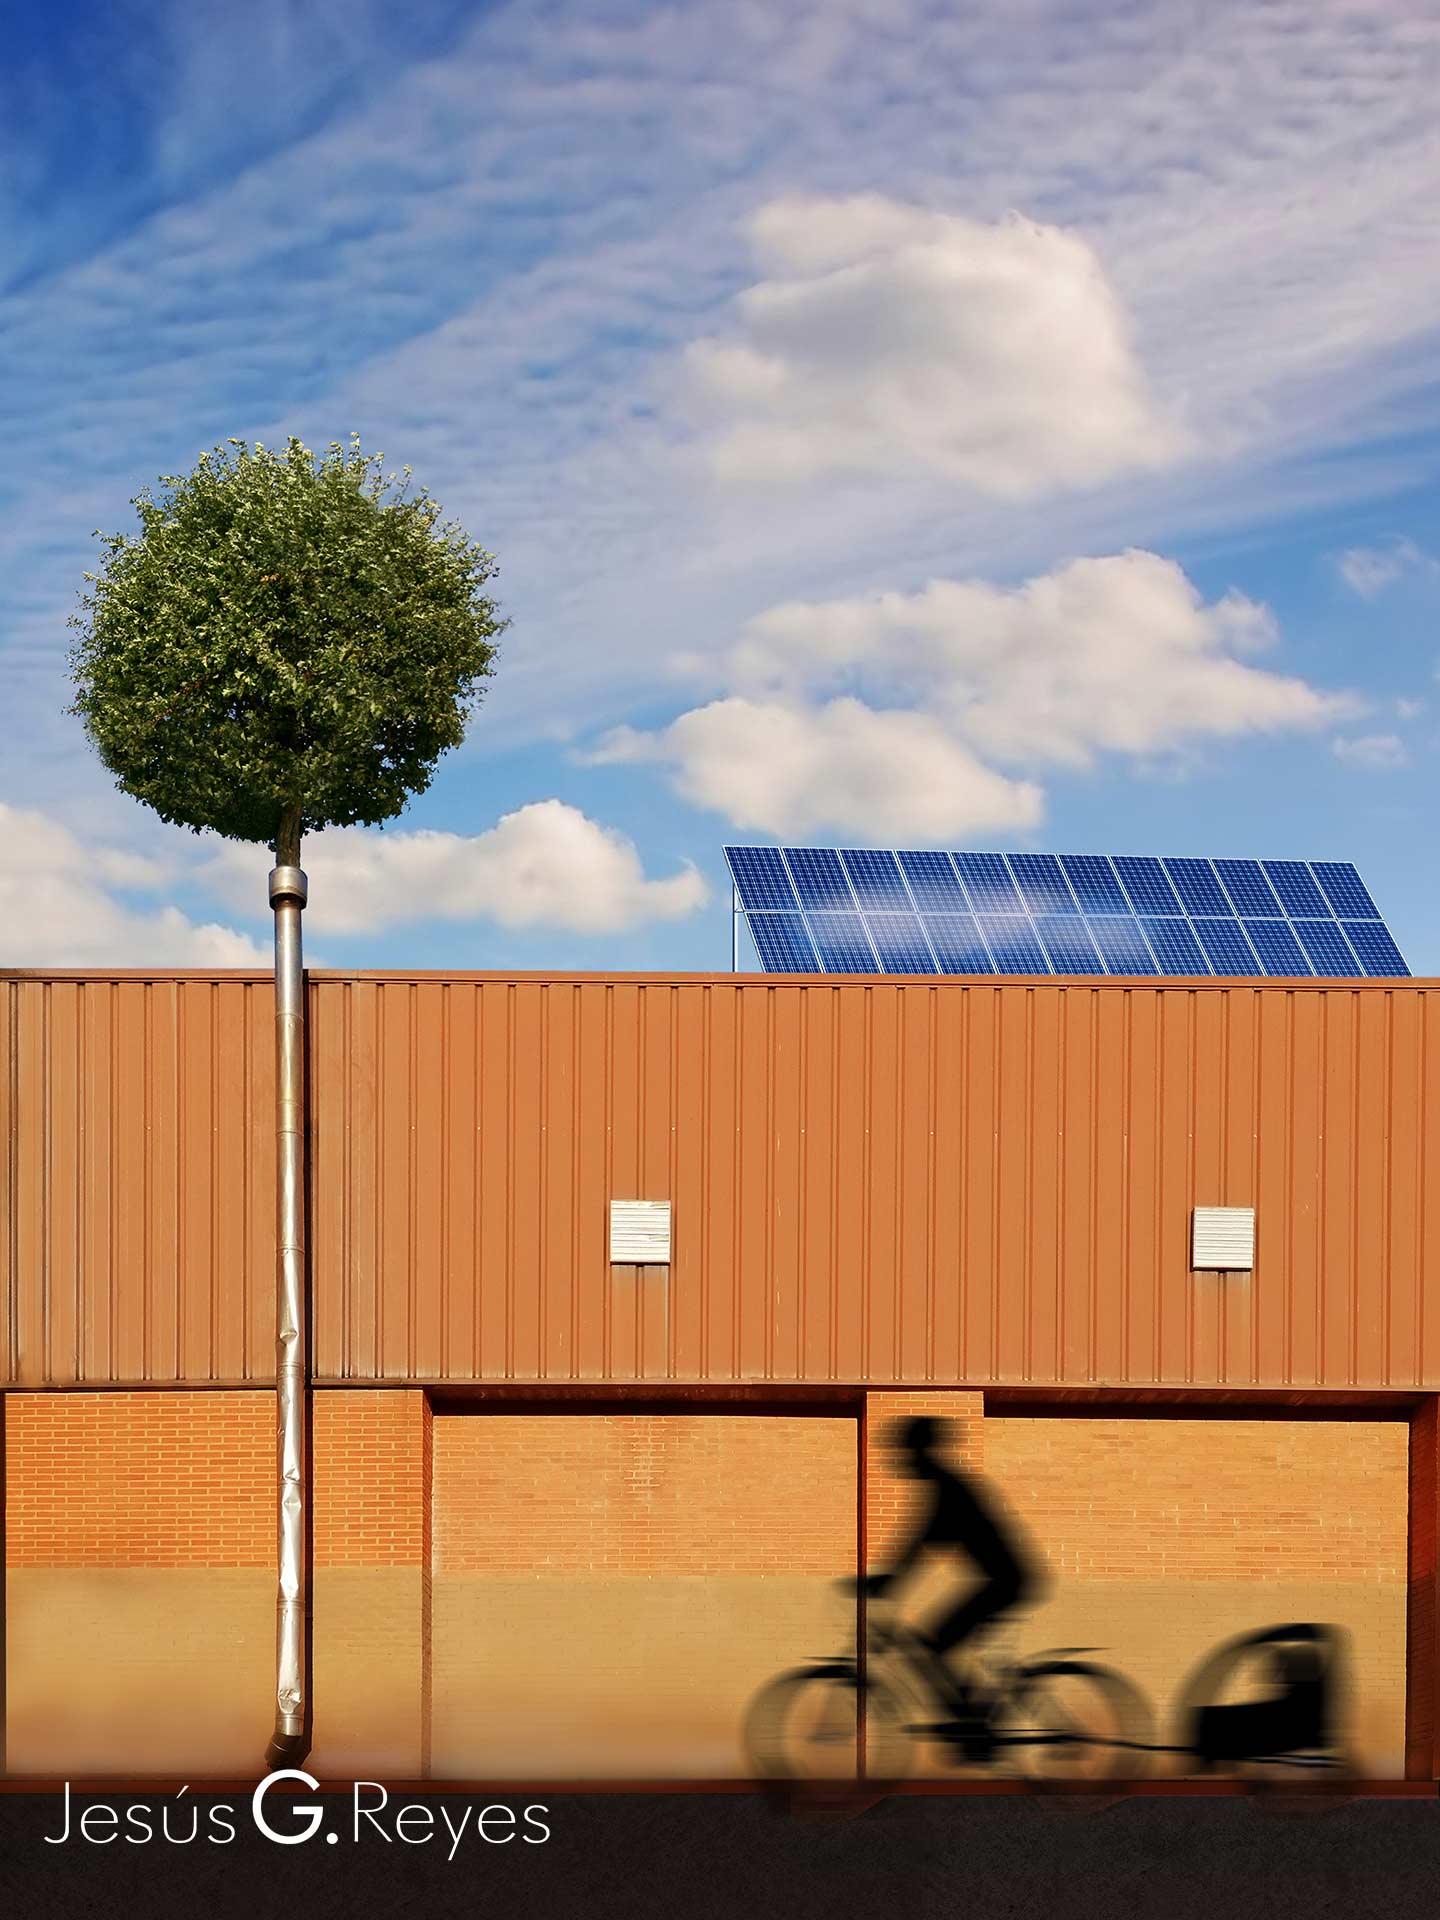 Clean energies photomontage